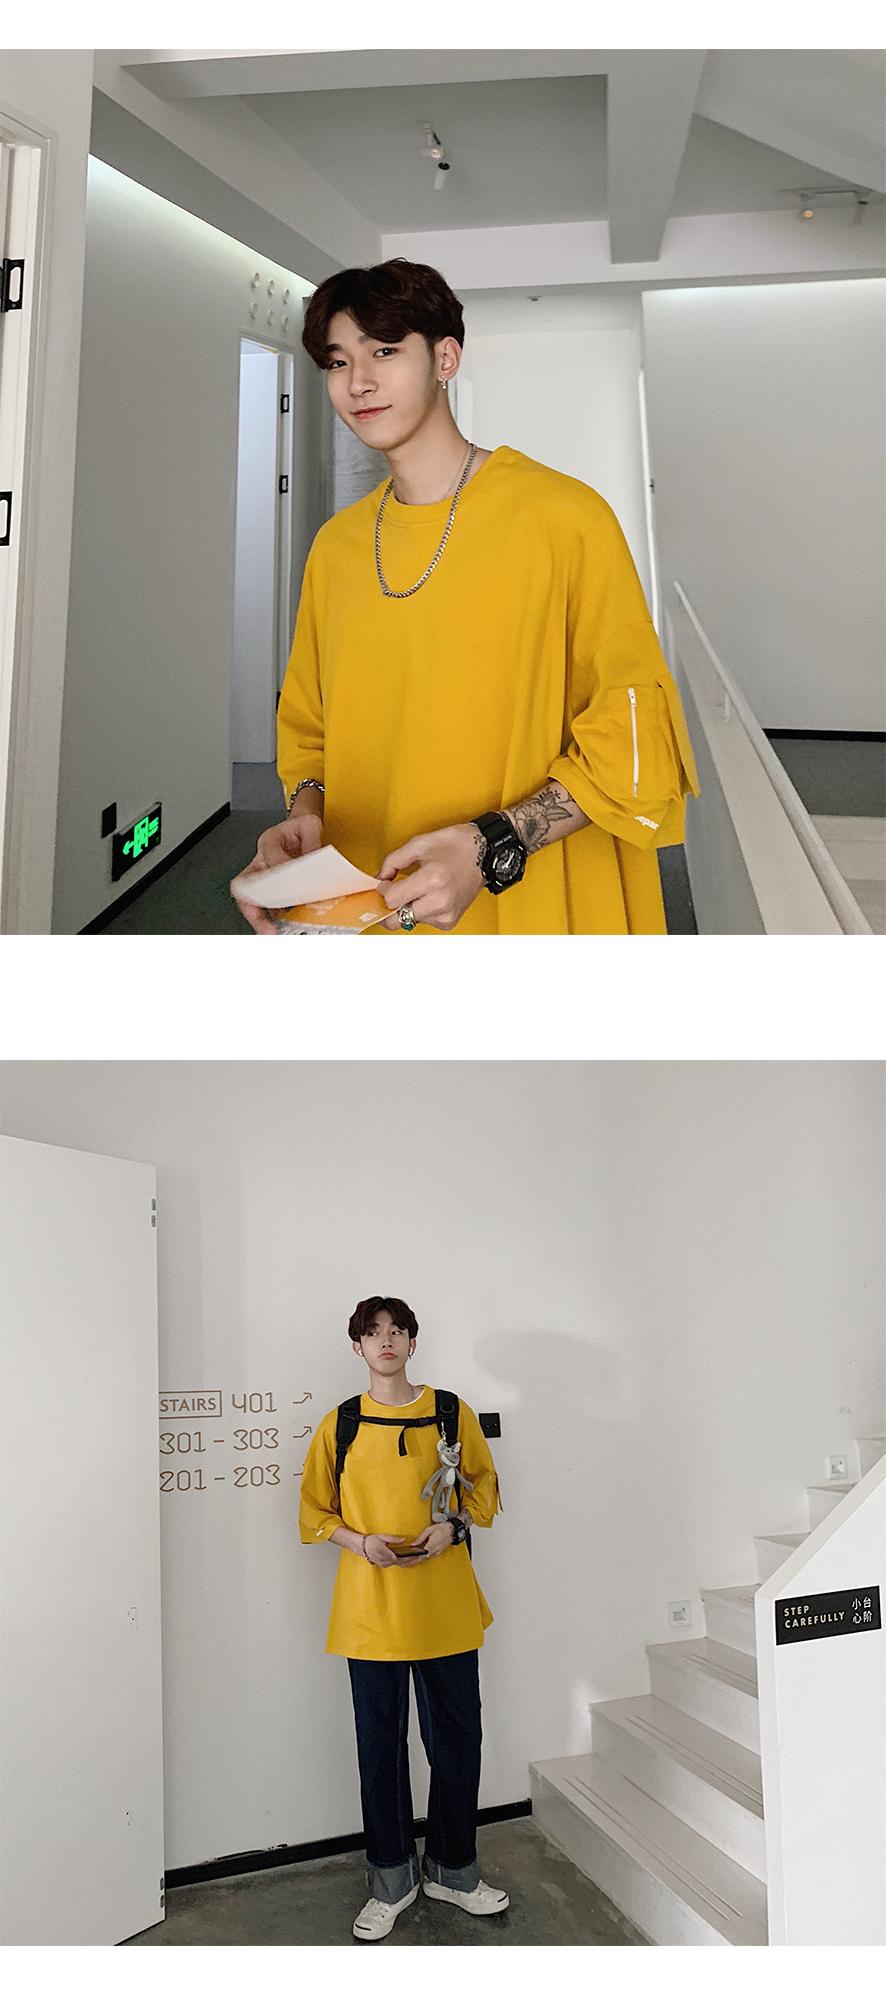 2019夏装新款 oversize宽松版 口袋印花 韩版短袖T恤A342-T20-T48